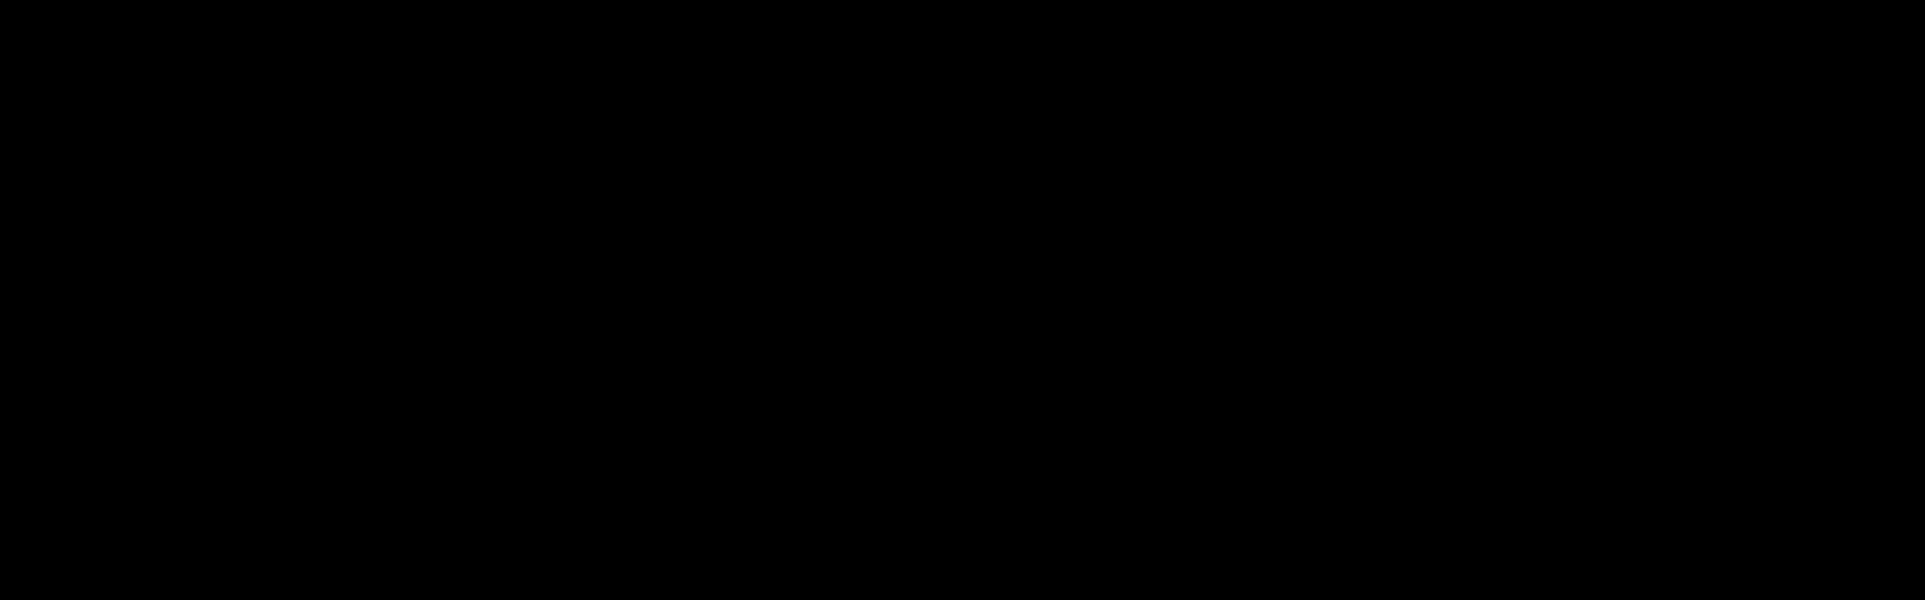 LINK-LOGO-BLACK.png